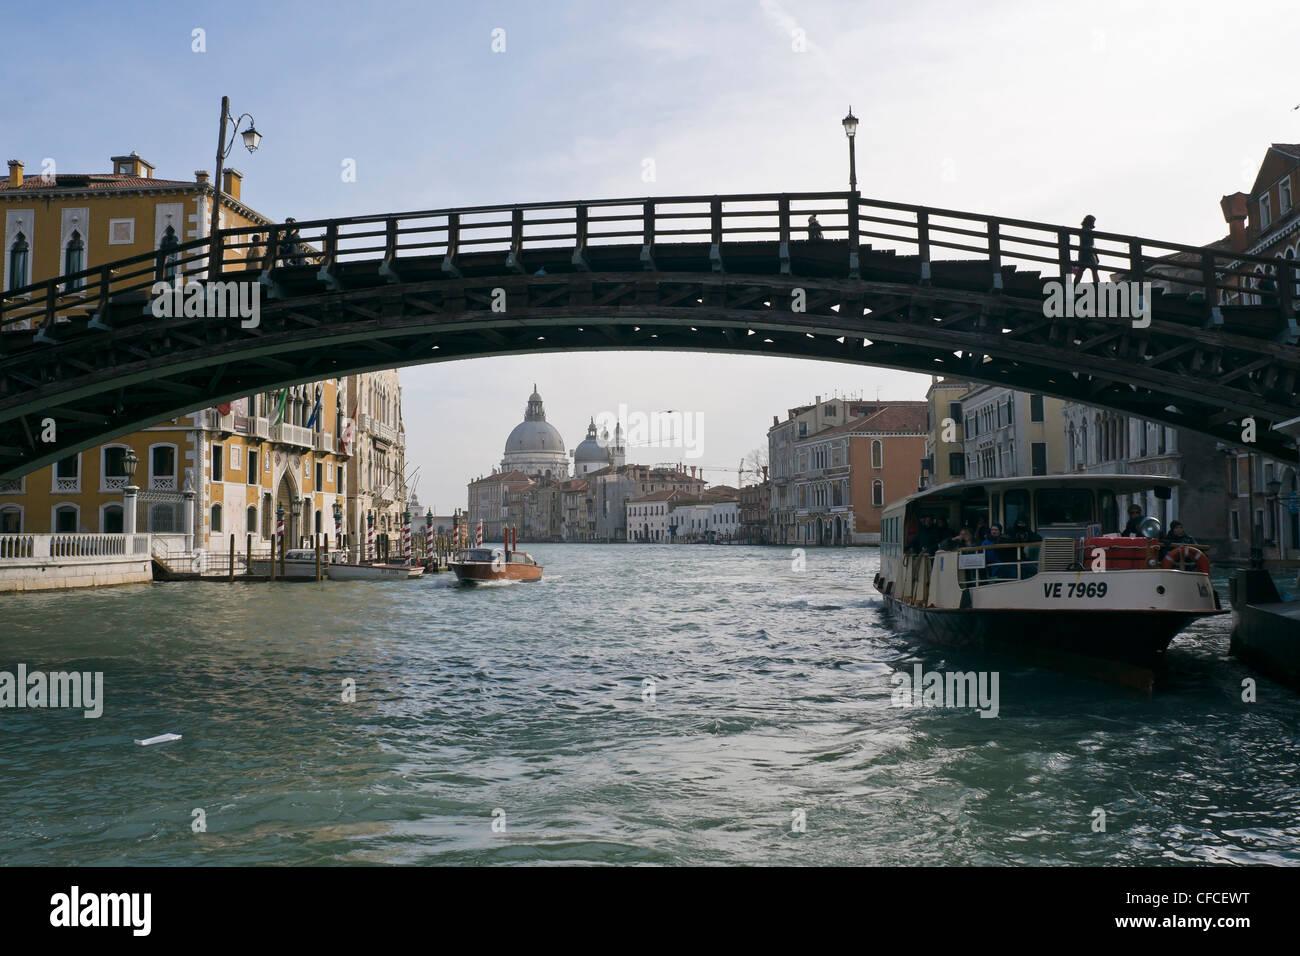 Academia bridge over Grand Canal, with Santa Maria della Salute church in the background - Venice, Venezia, Italy, Stock Photo